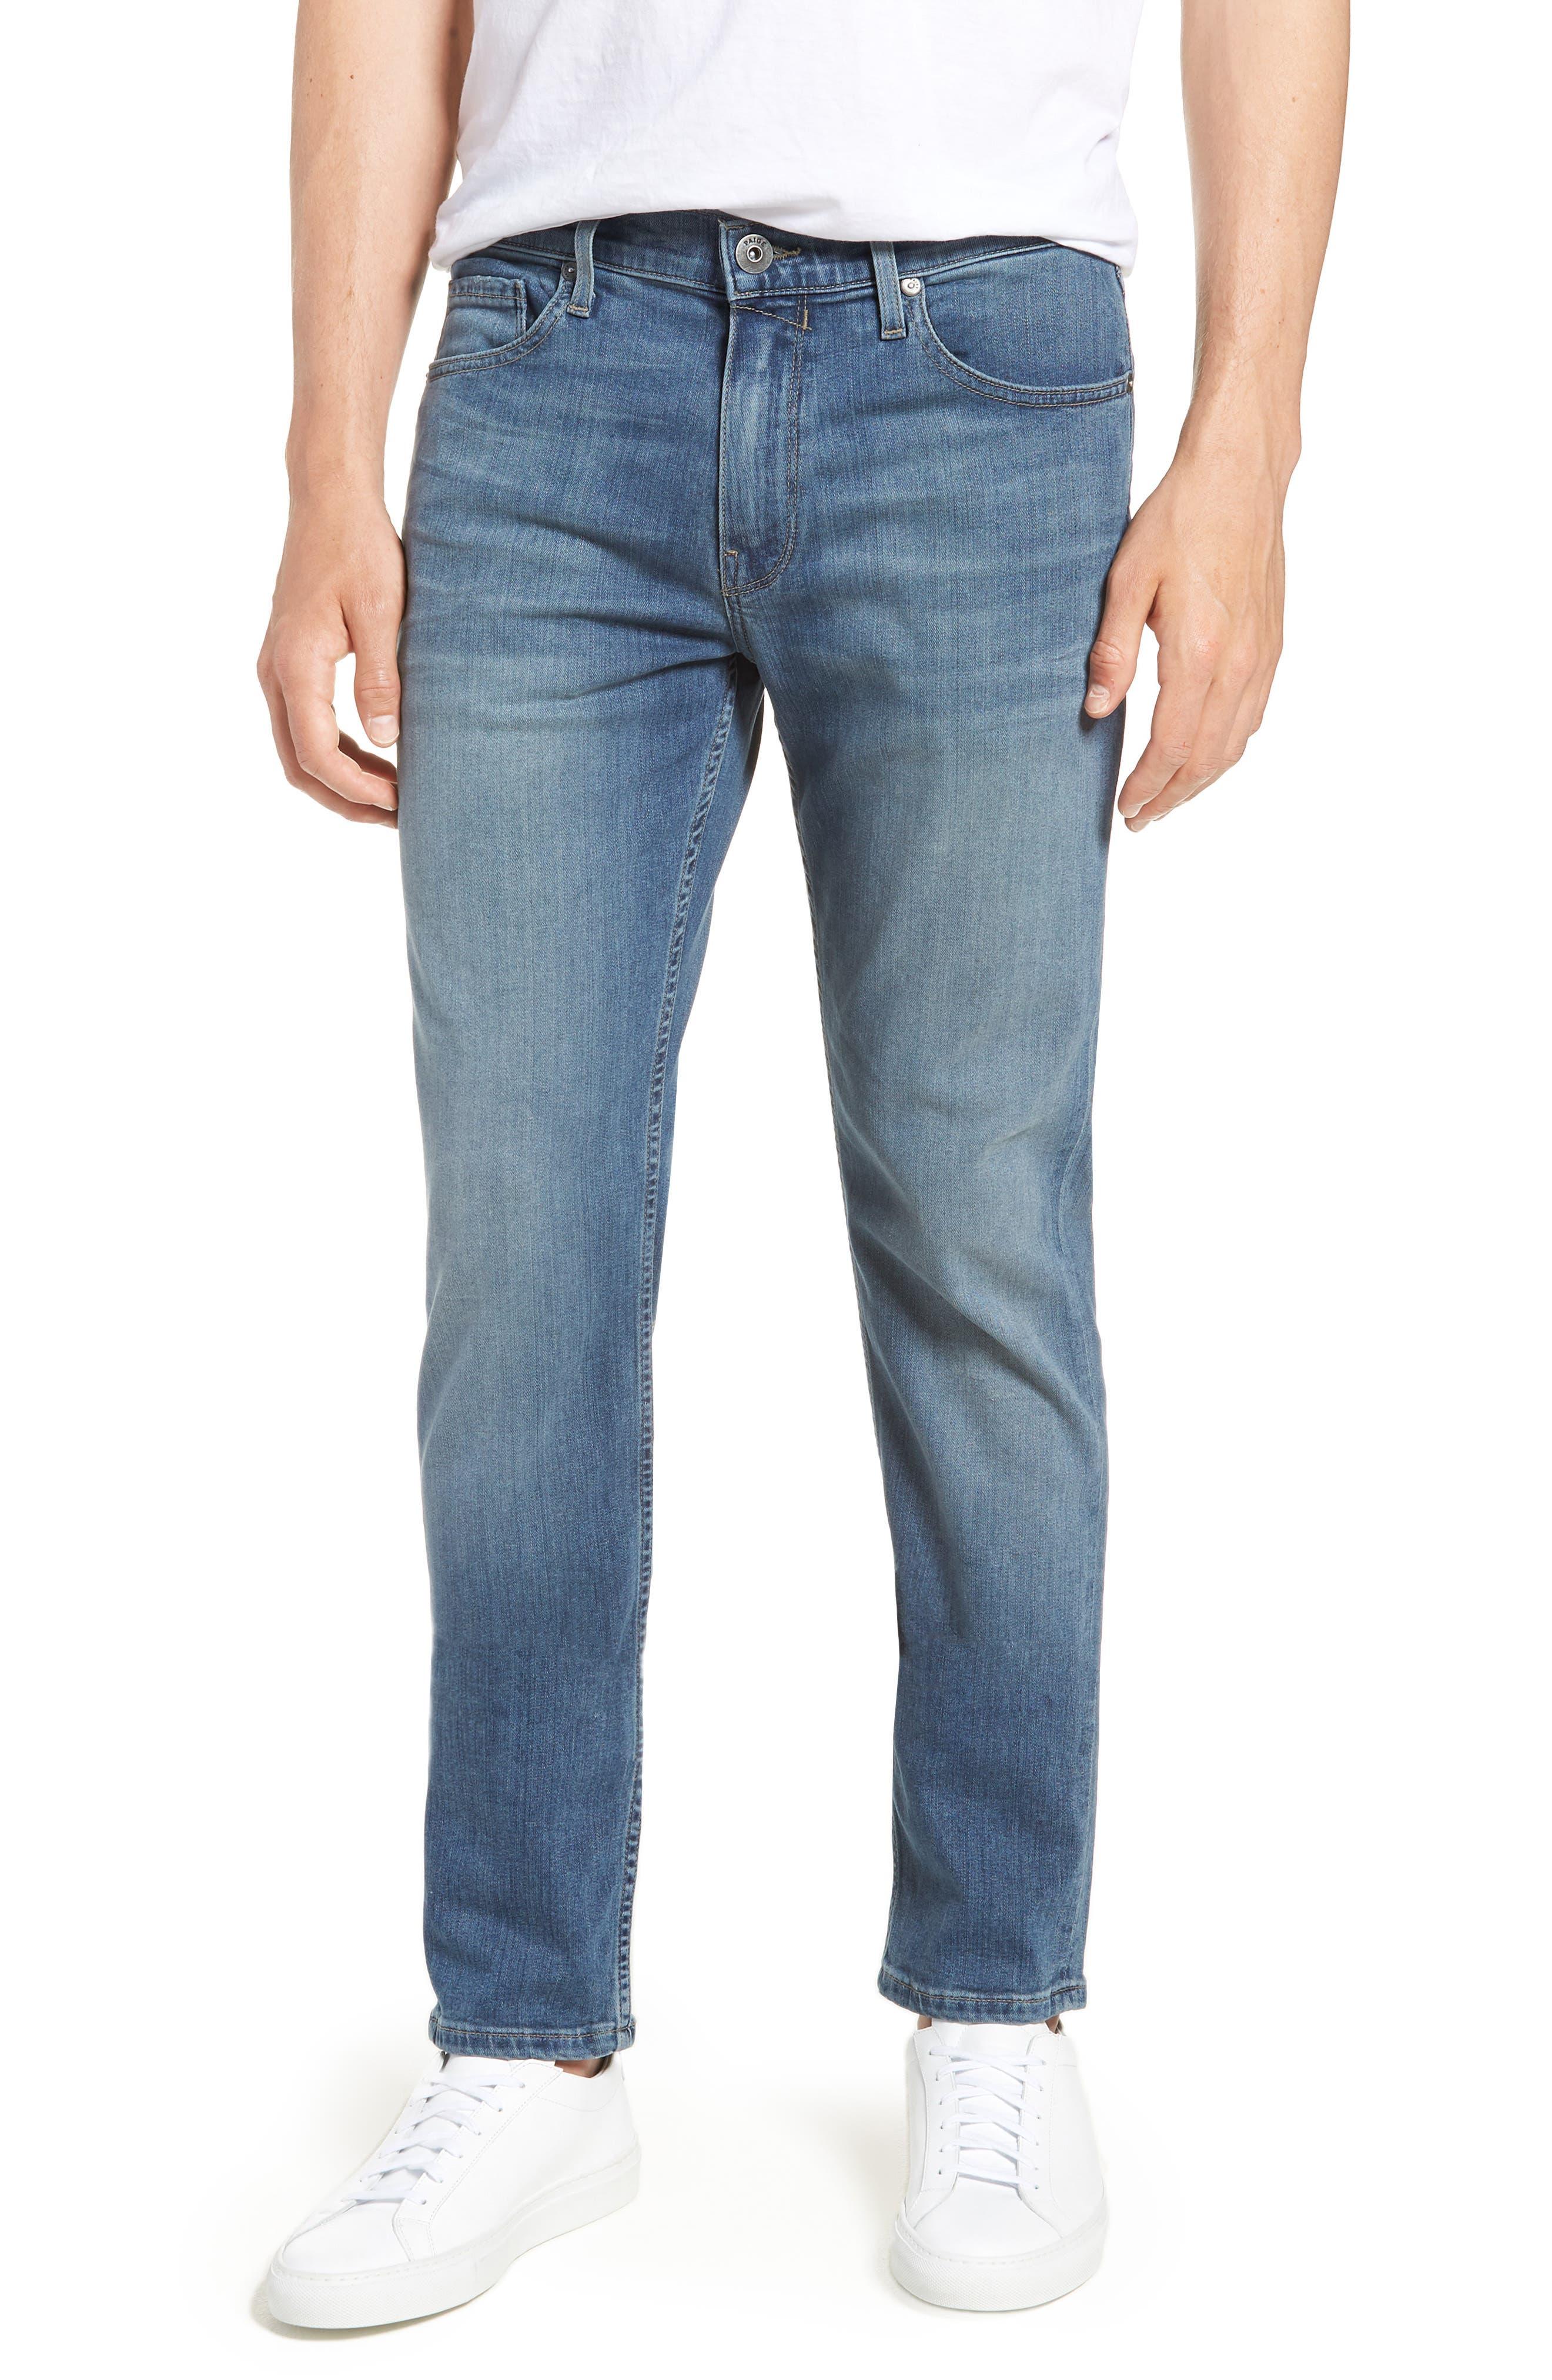 Transcend - Lennox Slim Fit Jeans,                             Main thumbnail 1, color,                             Allman